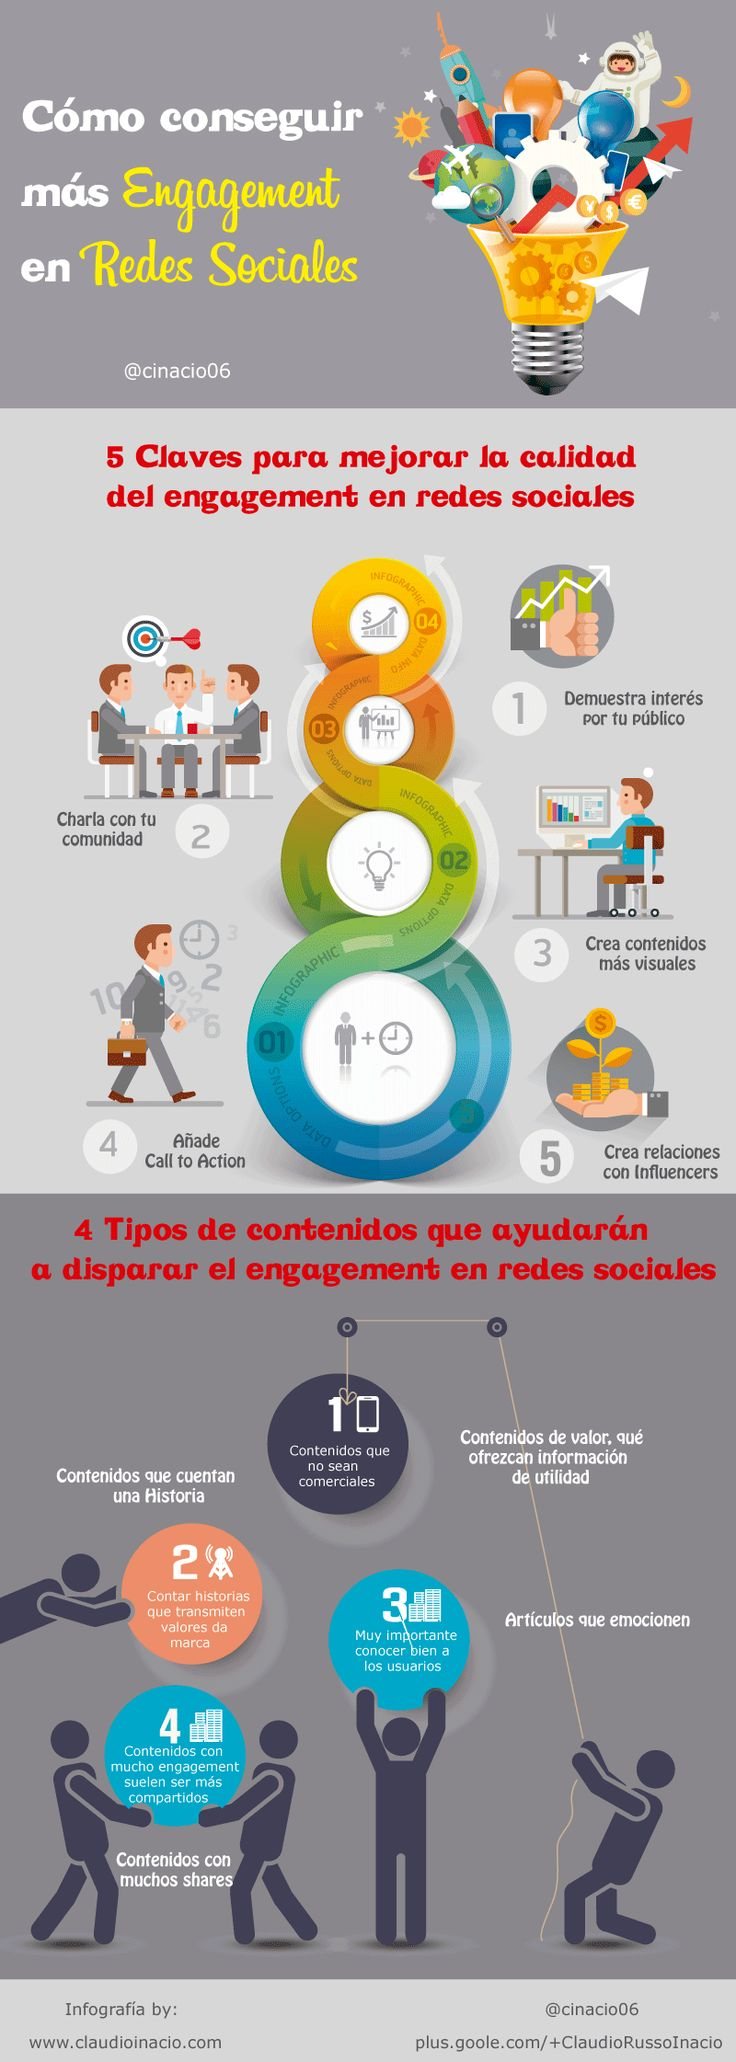 Cómo mejorar tu Engagement en Redes Sociales #infografía